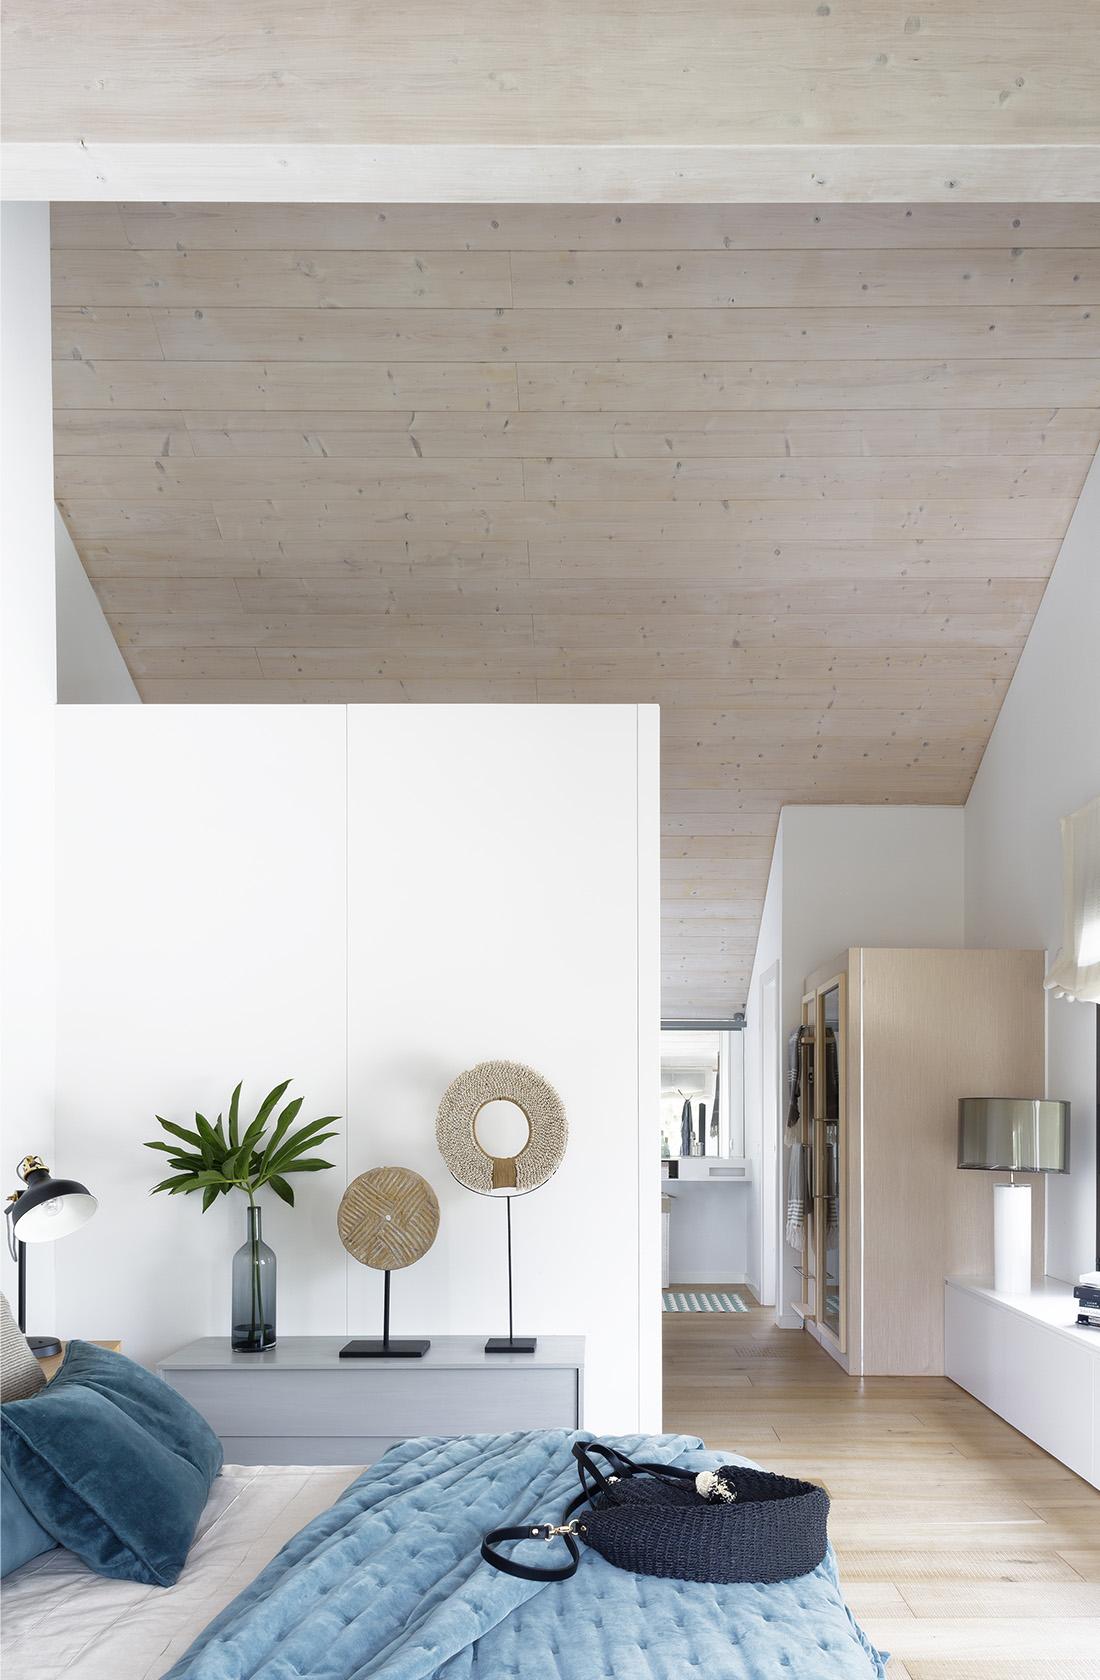 Dormitorio principal con vestidor de la Casa XY, Arquitectura en madera